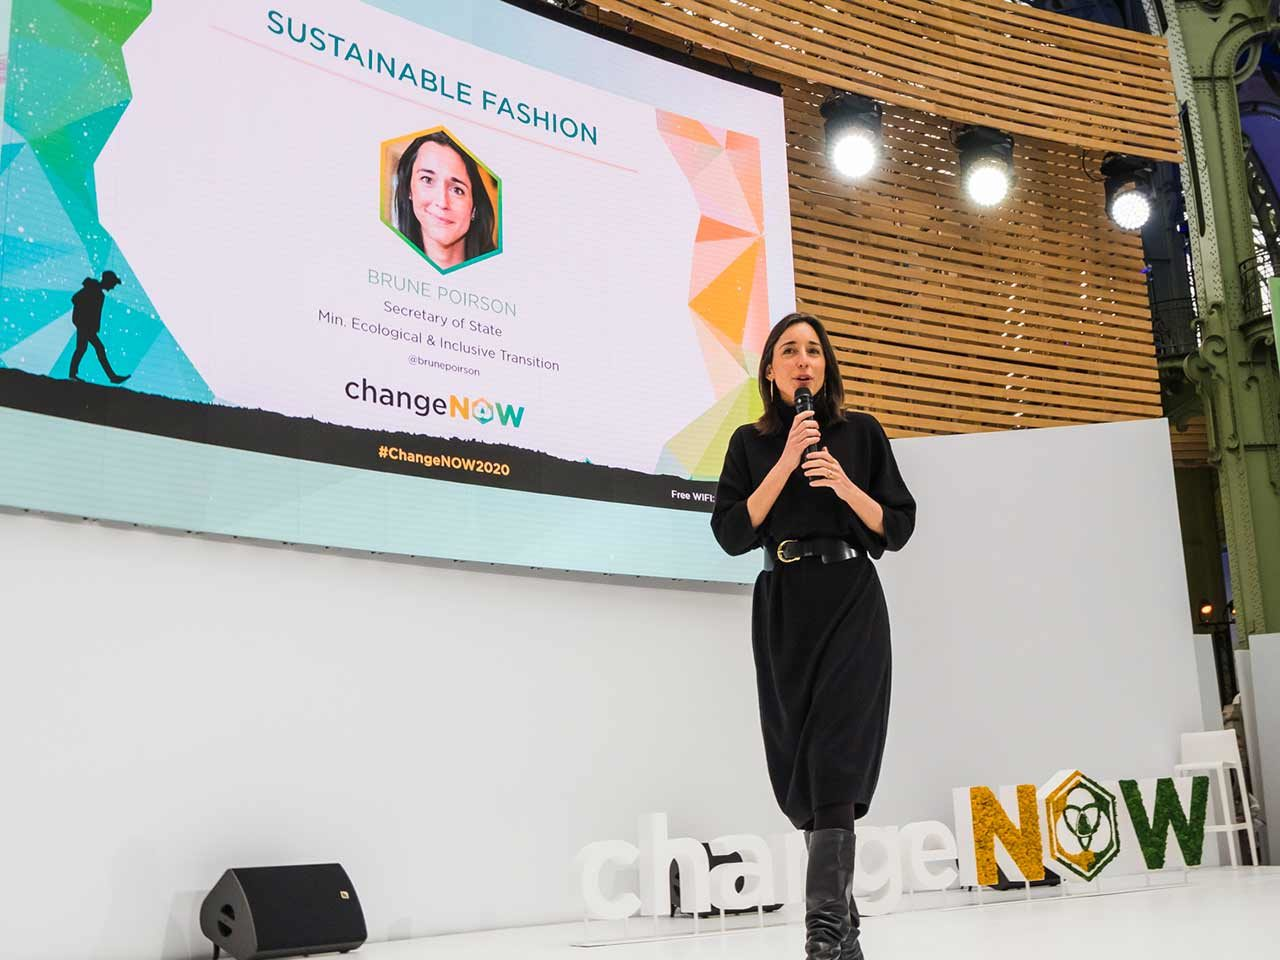 Brune Poirson secretaire etat transition ecologique